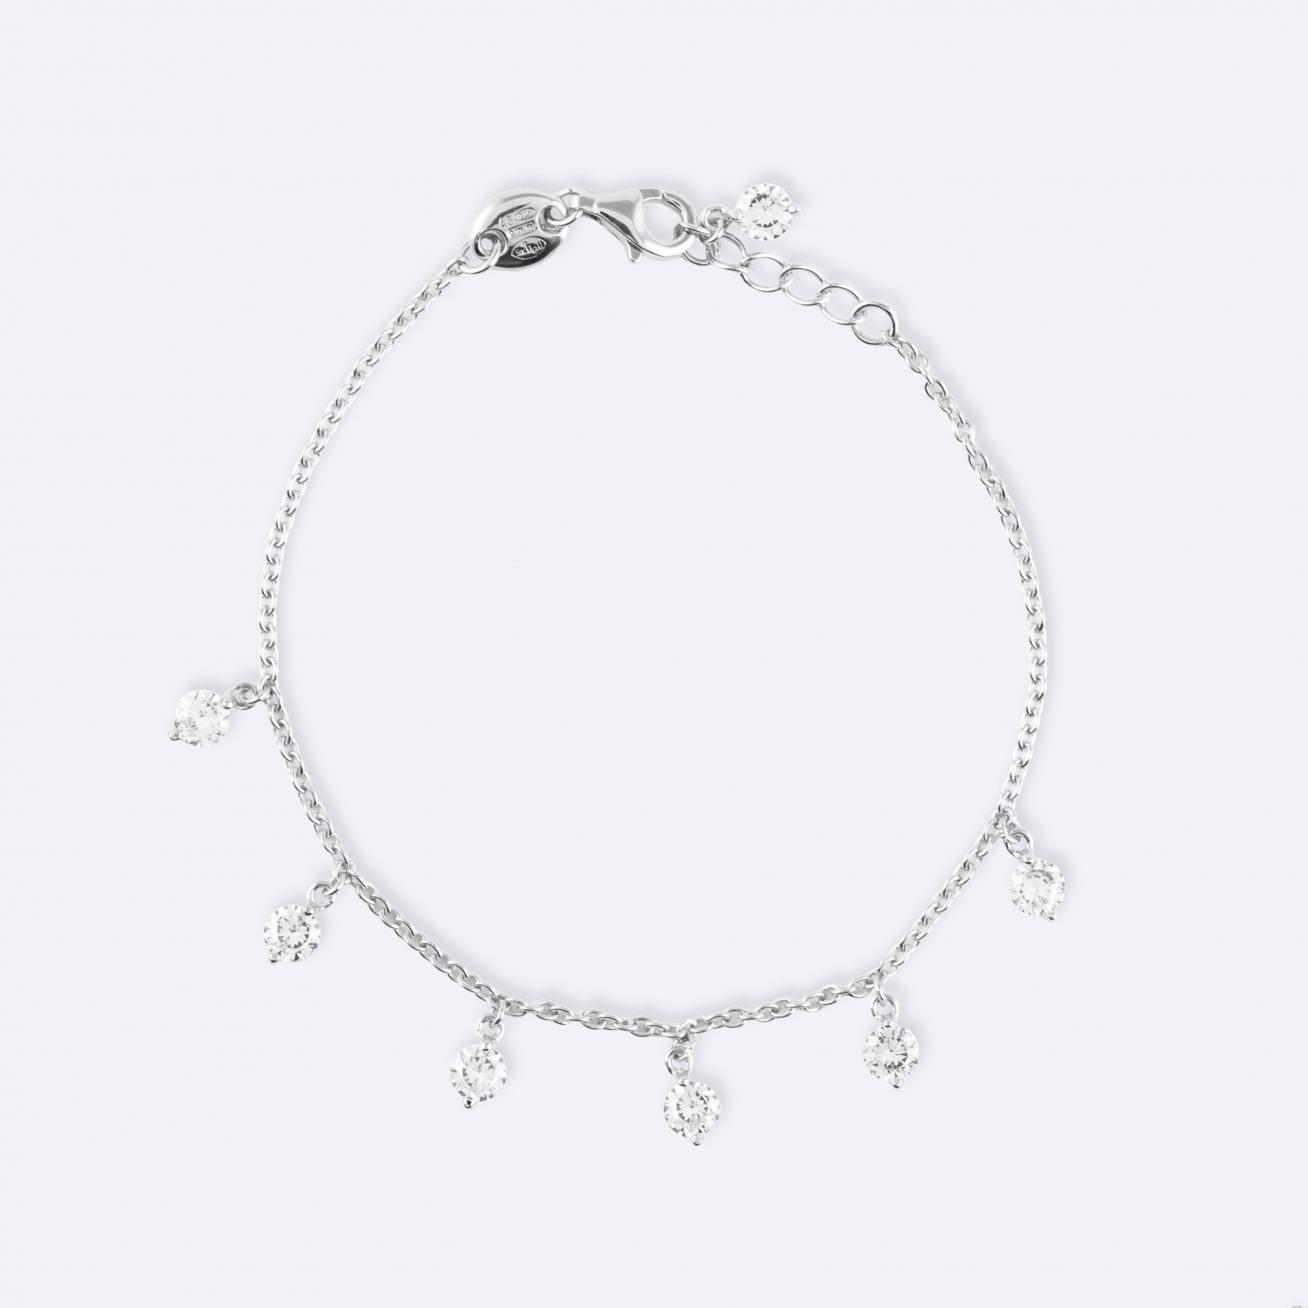 Thin bracelet with zirconia pendants